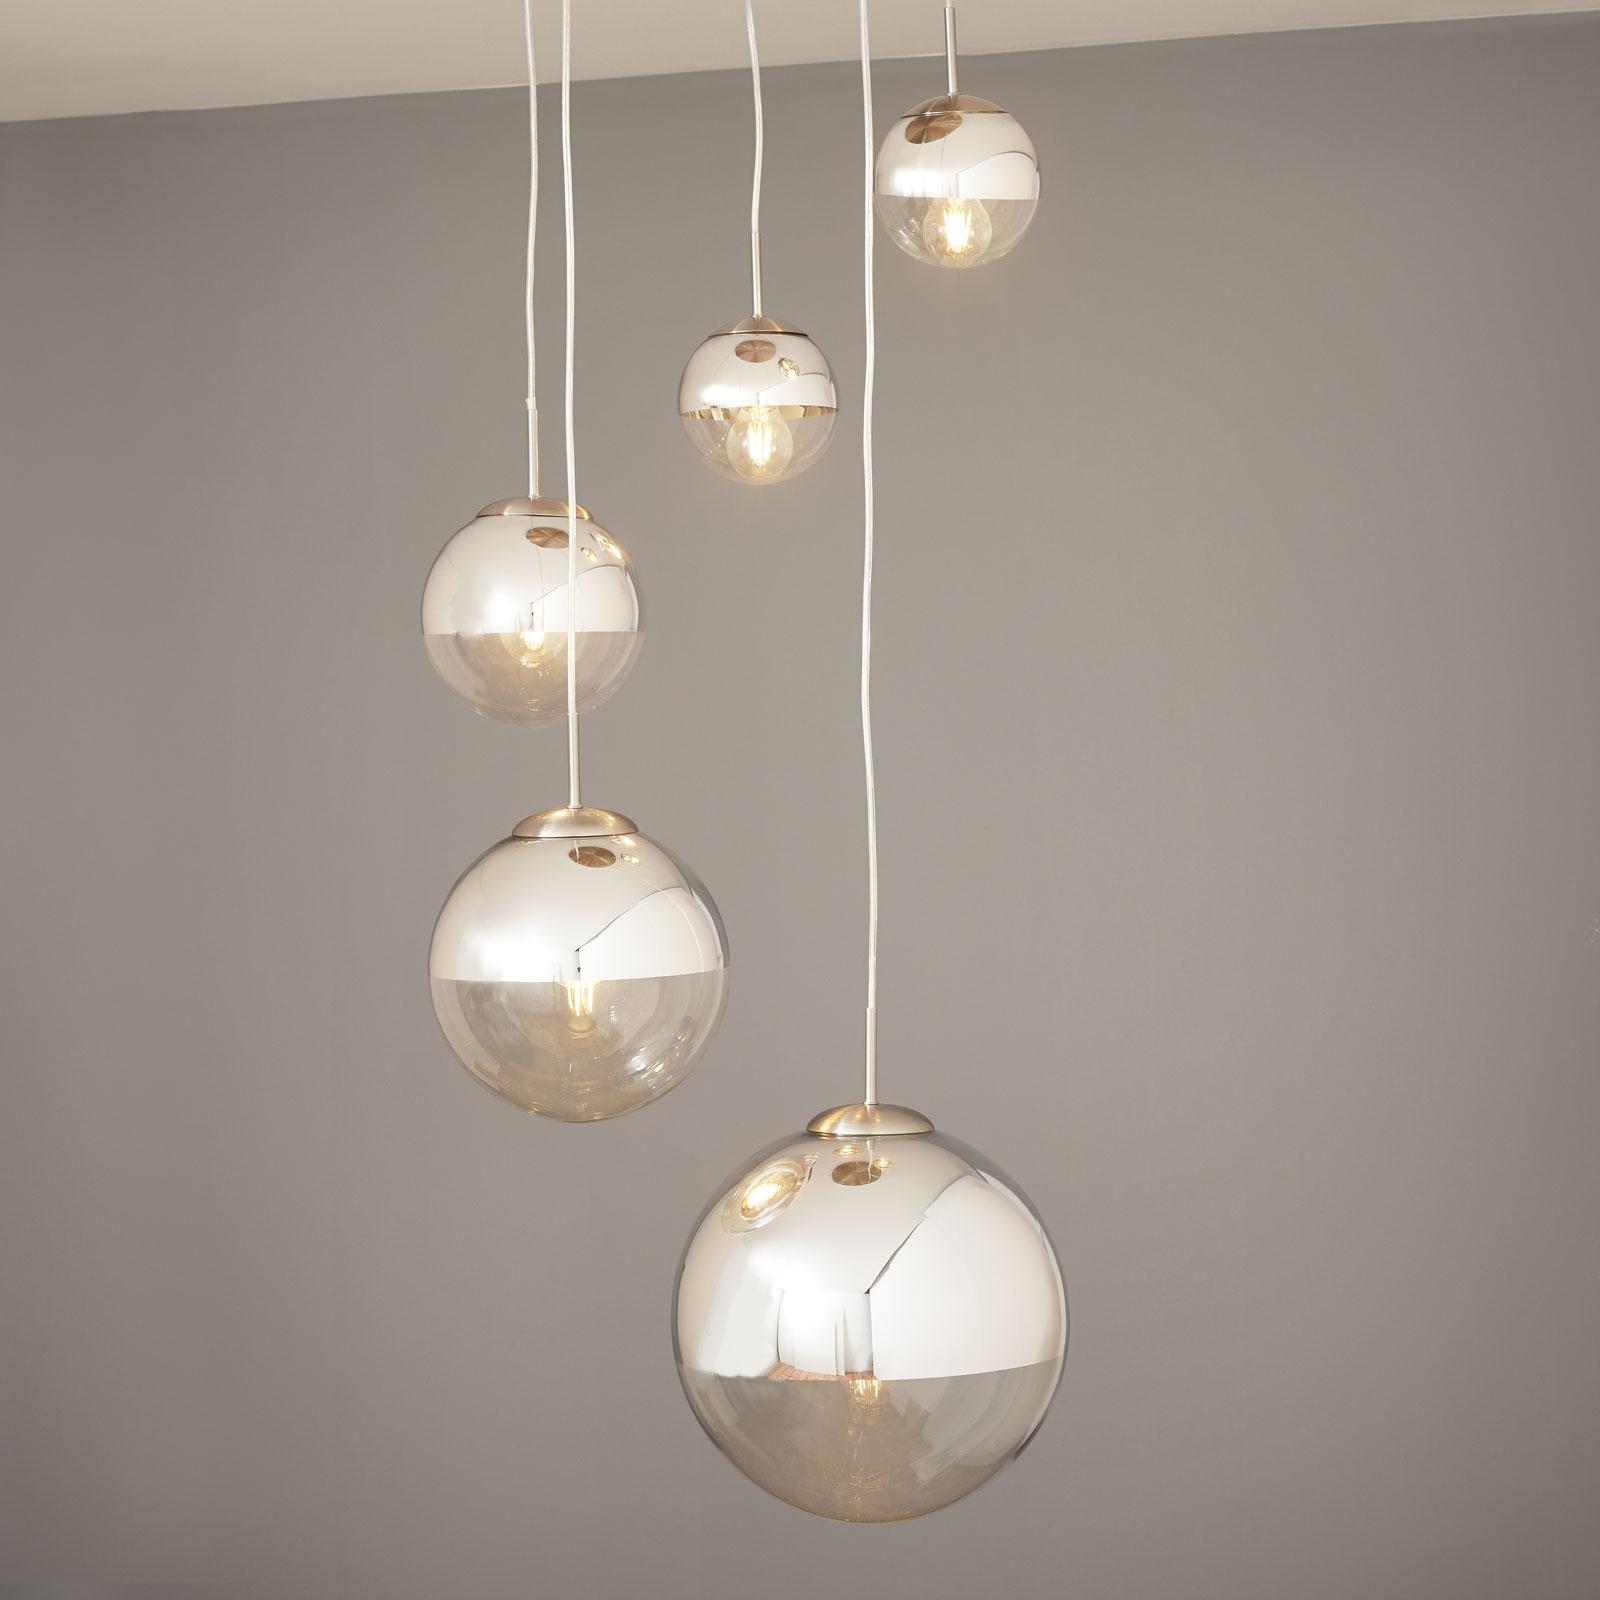 Hanglamp Ravena met glazen bollen, 5 lampen